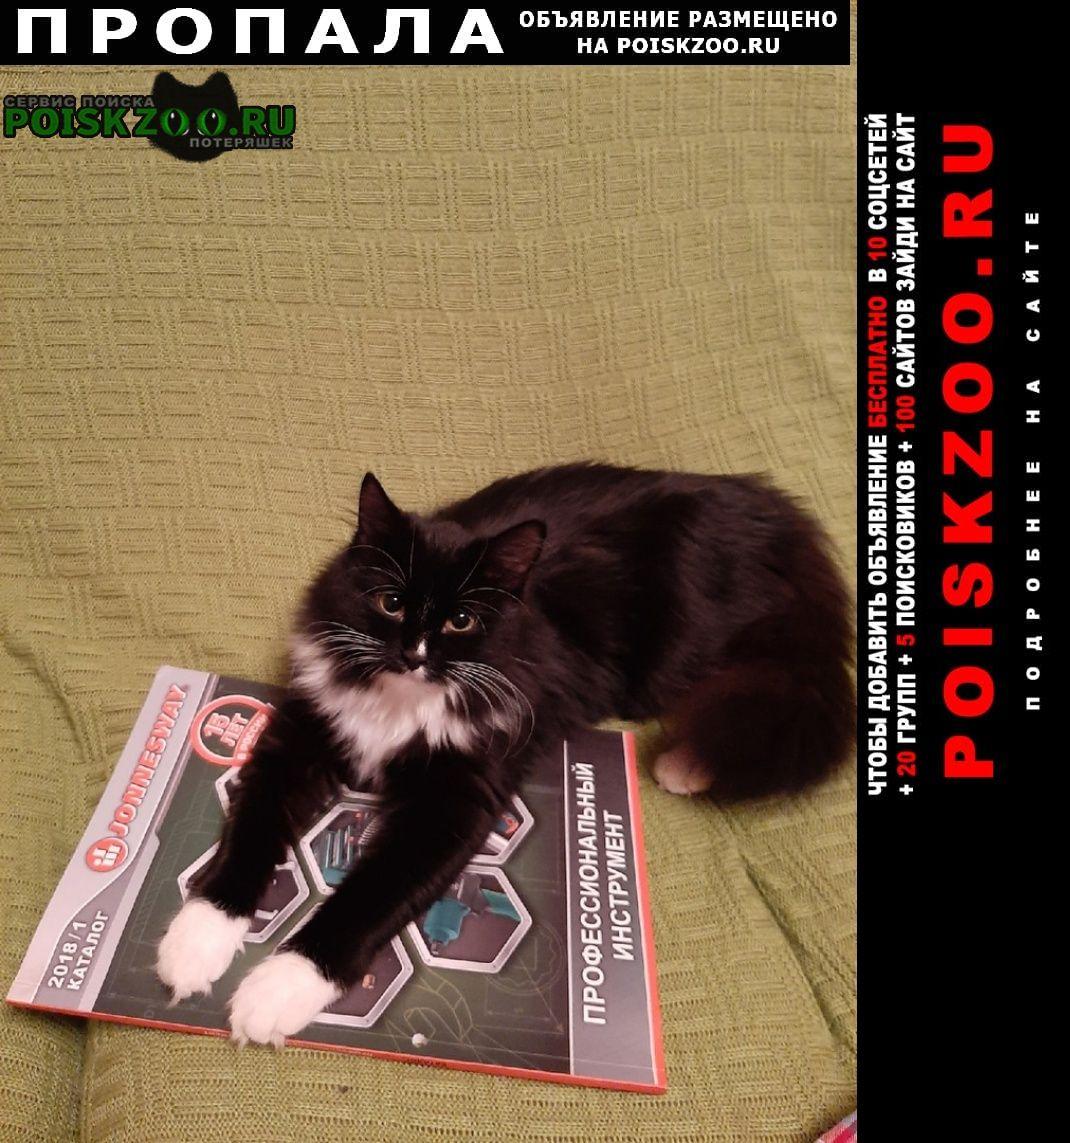 Пропала кошка вознаграждение гарантируем Пермь